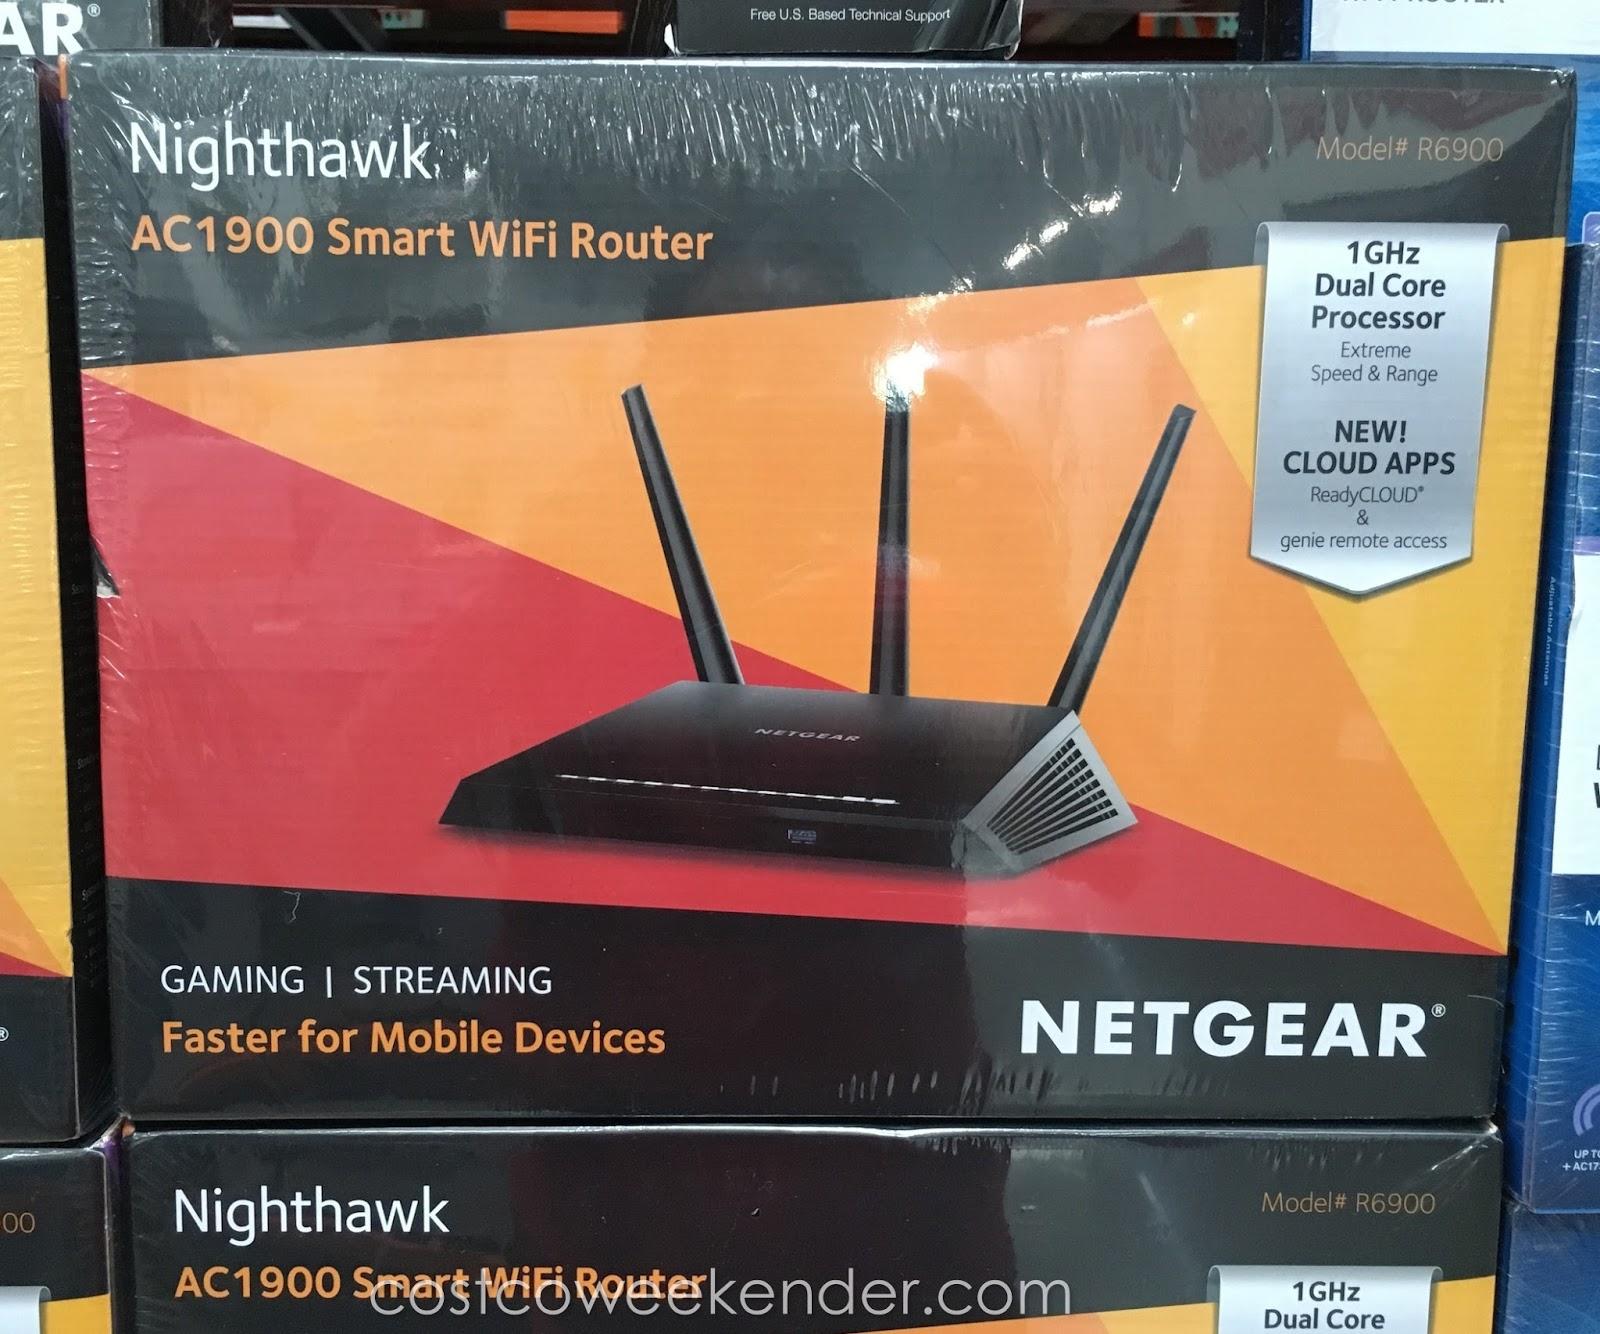 Netgear Nighthawk AC1900 Smart WiFi Router (model R6900